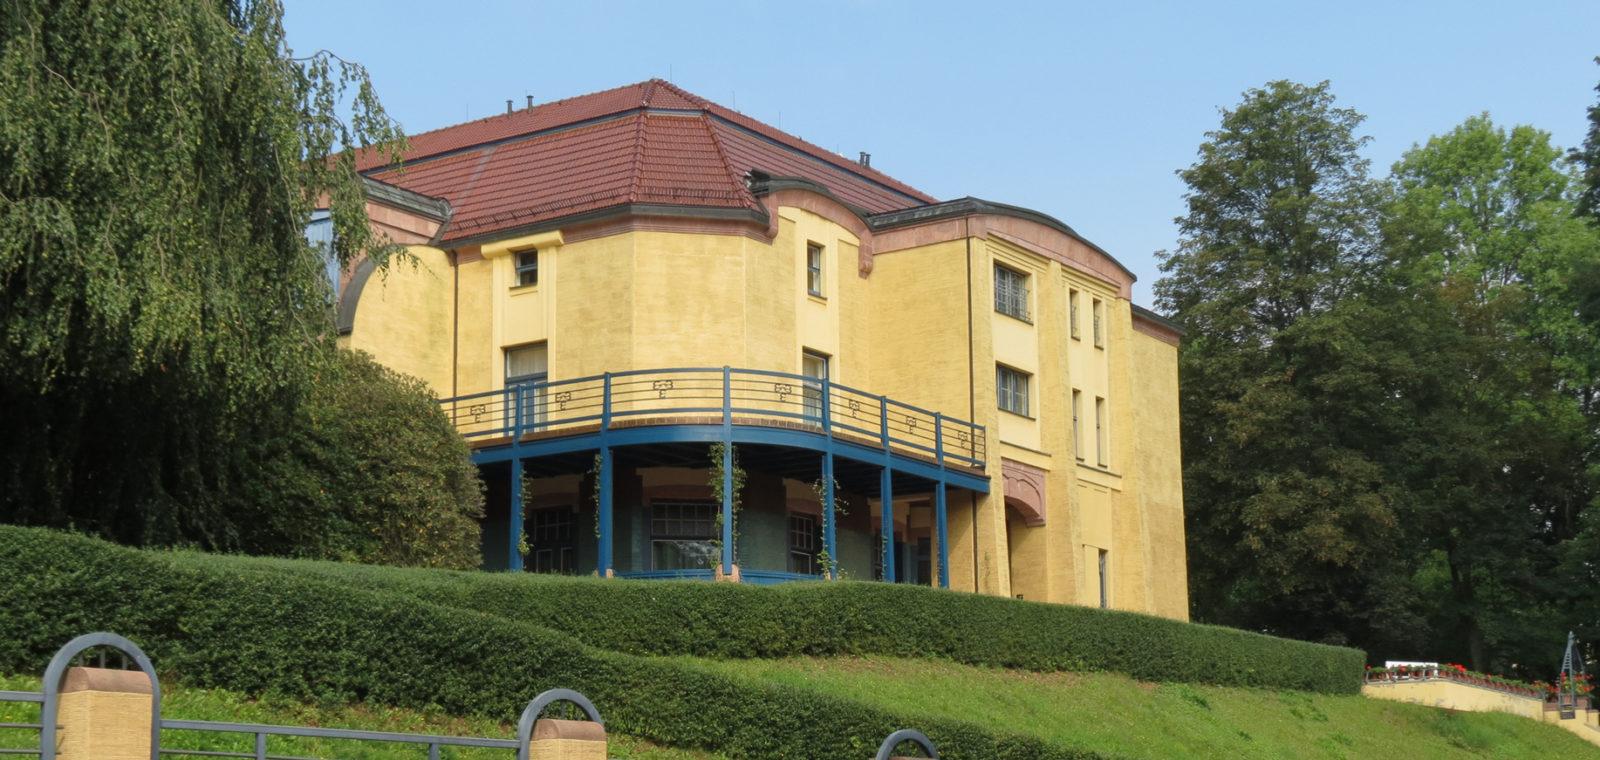 villa-esche-chemnitz